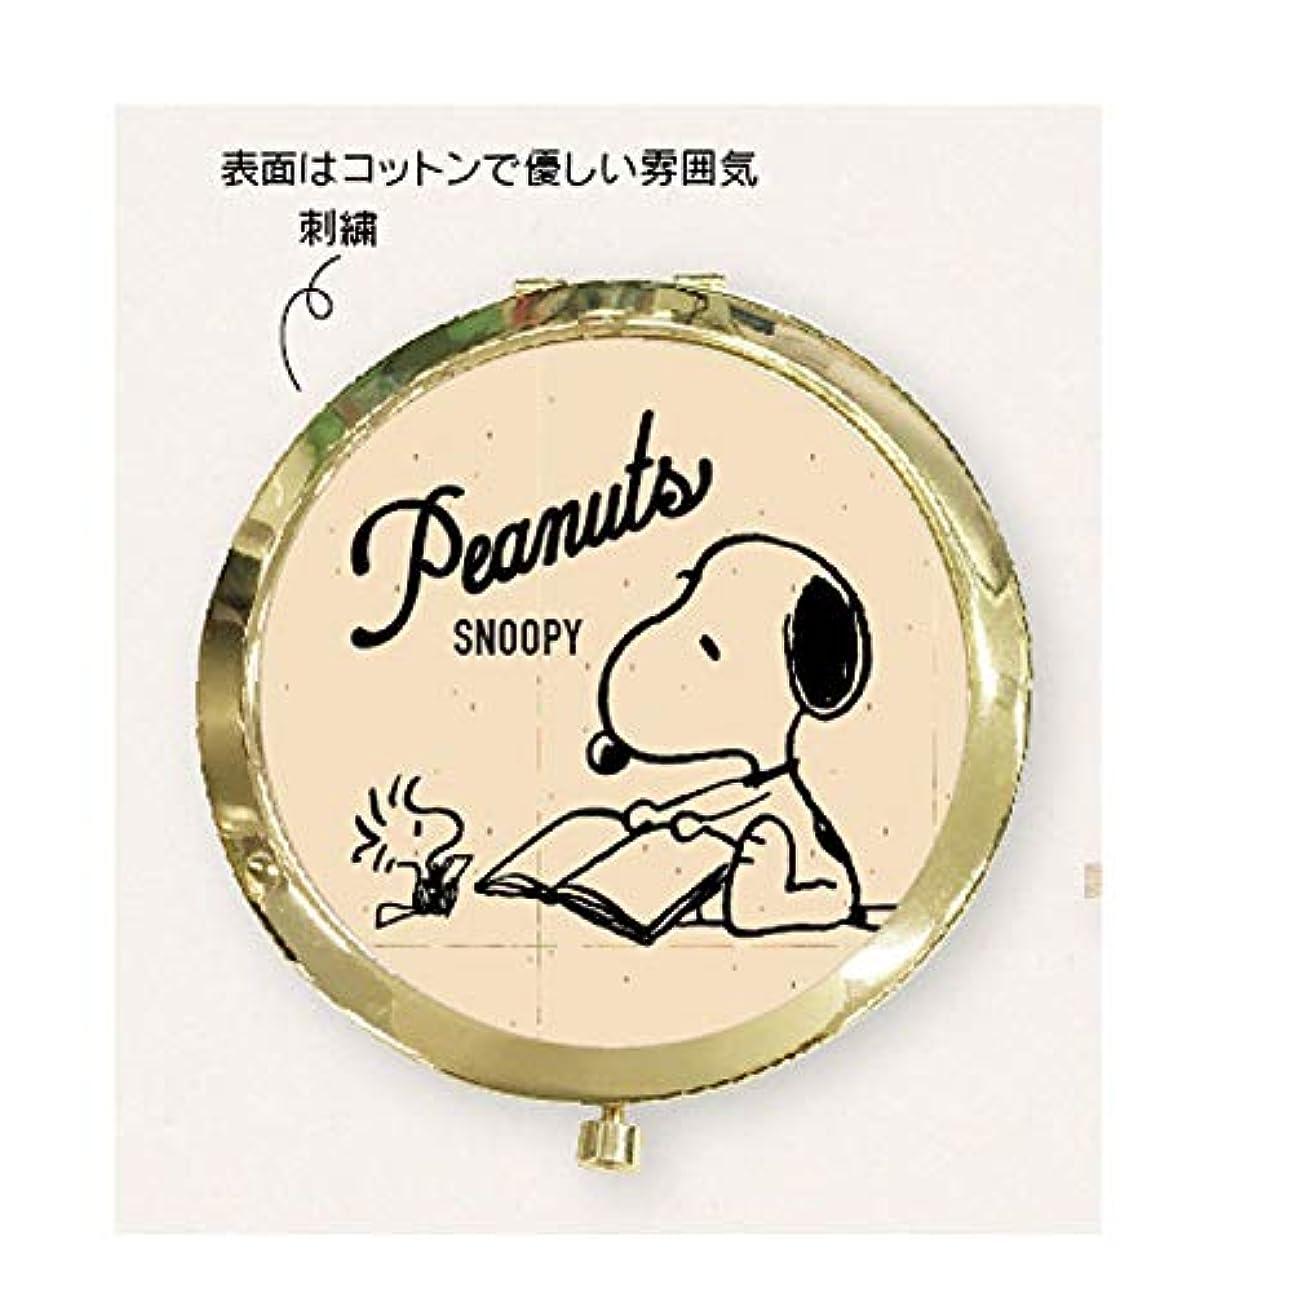 領収書リー間に合わせ【スヌーピー】コンパクトミラー(BOOK) BOOK STORE 049046